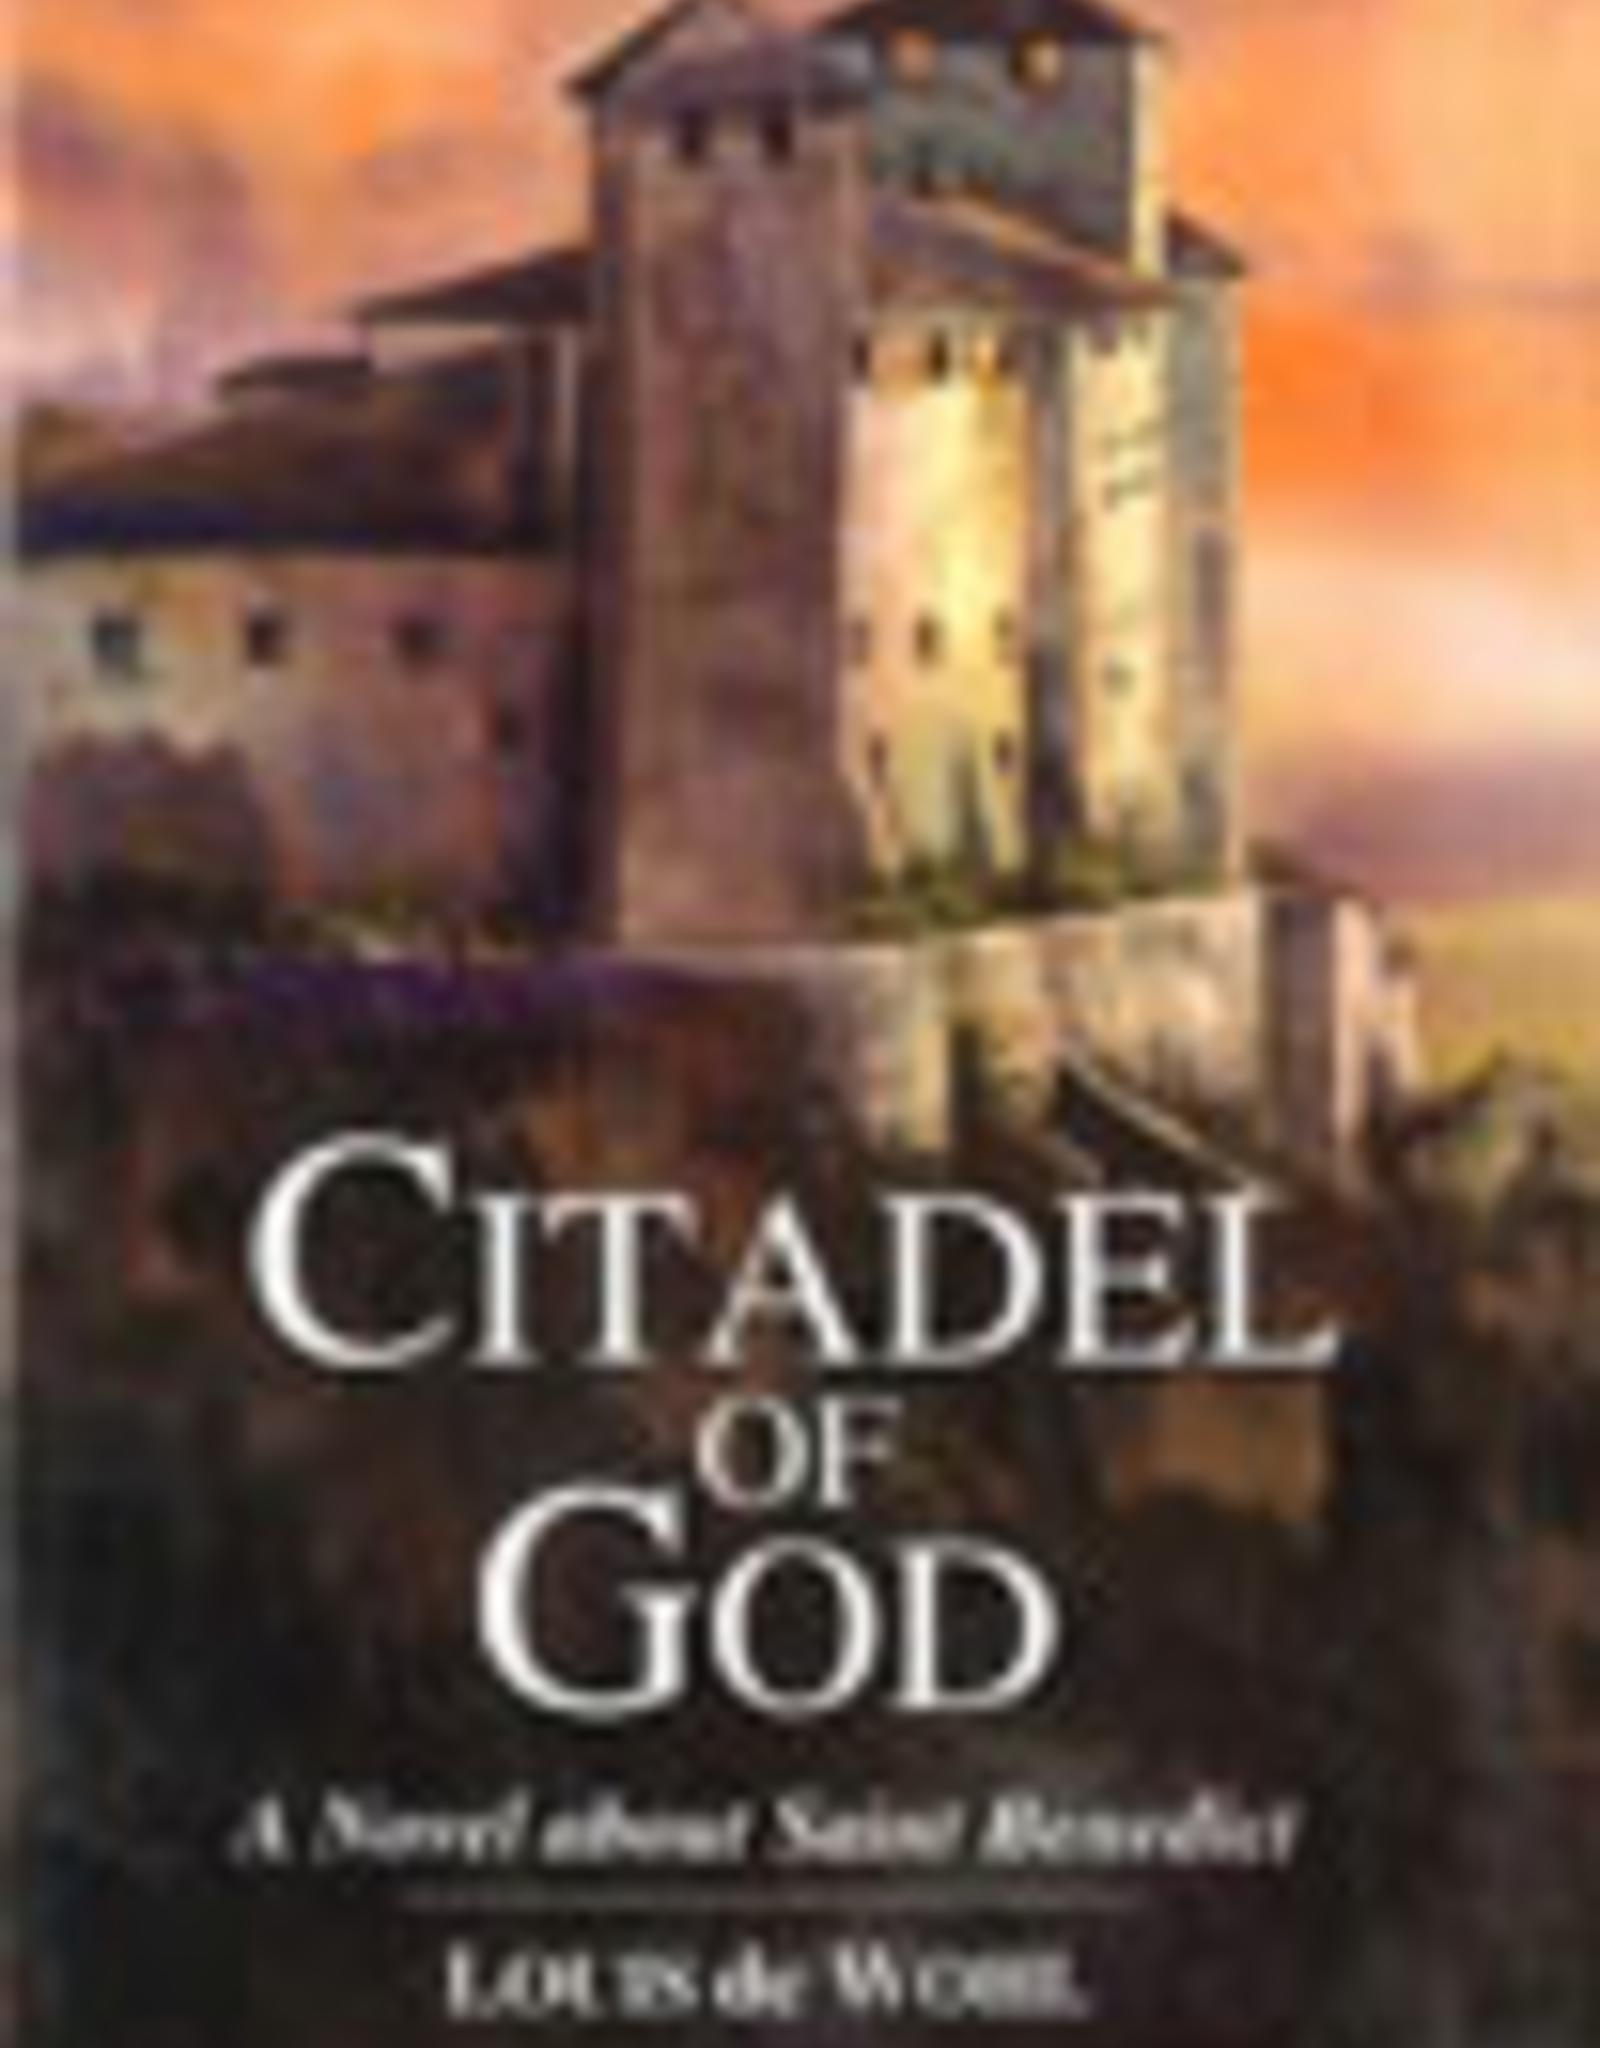 Ignatius Press Citadel of God:  A Novel of Saint Benedict, by Louis de Wohl (paperback)